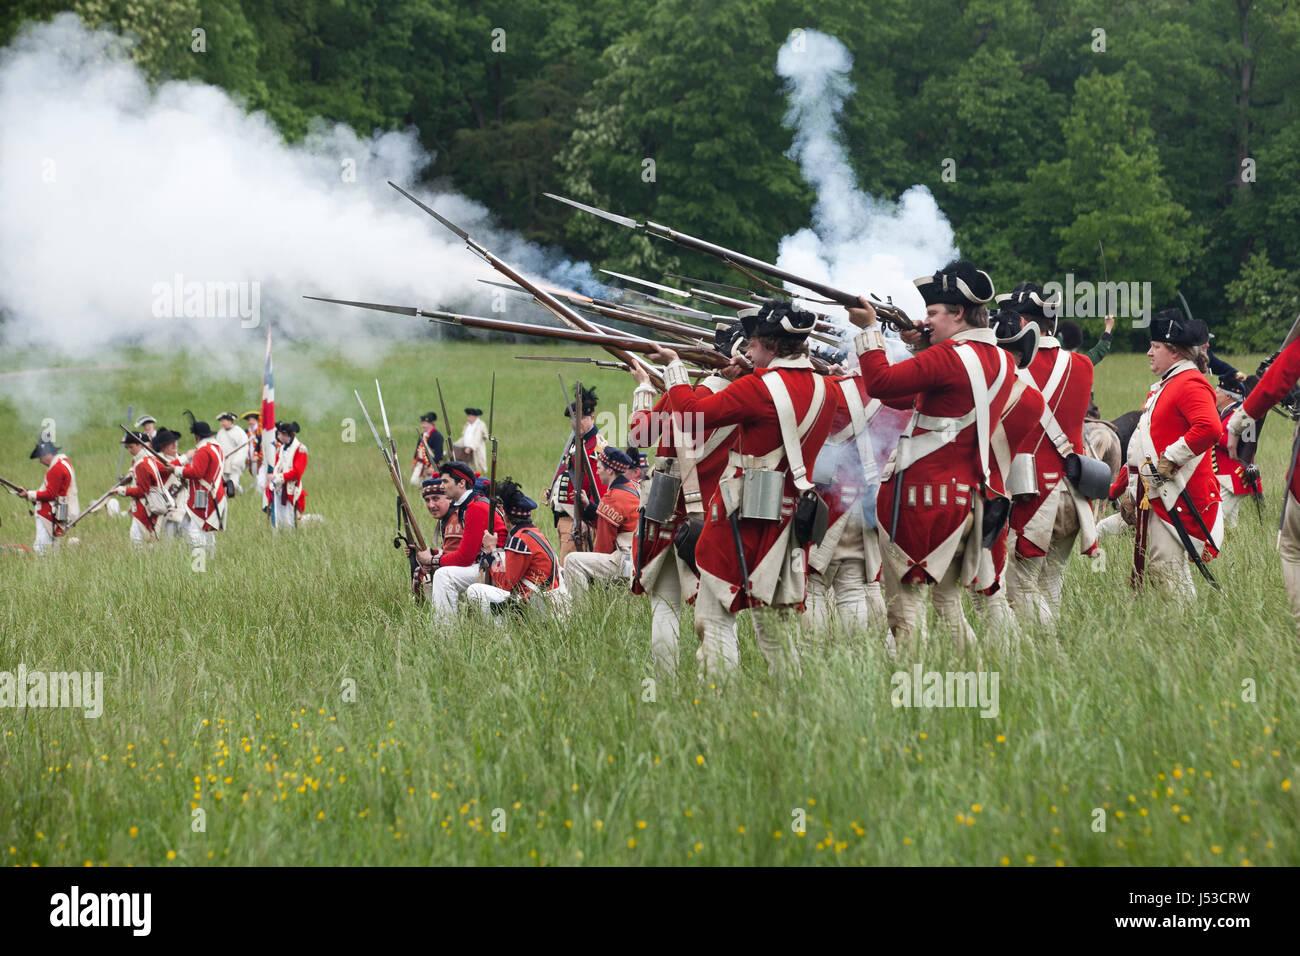 Soldati britannici durante una rievocazione storica del XVIII secolo di guerra rivoluzionaria a Mount Vernon - Virginia Immagini Stock